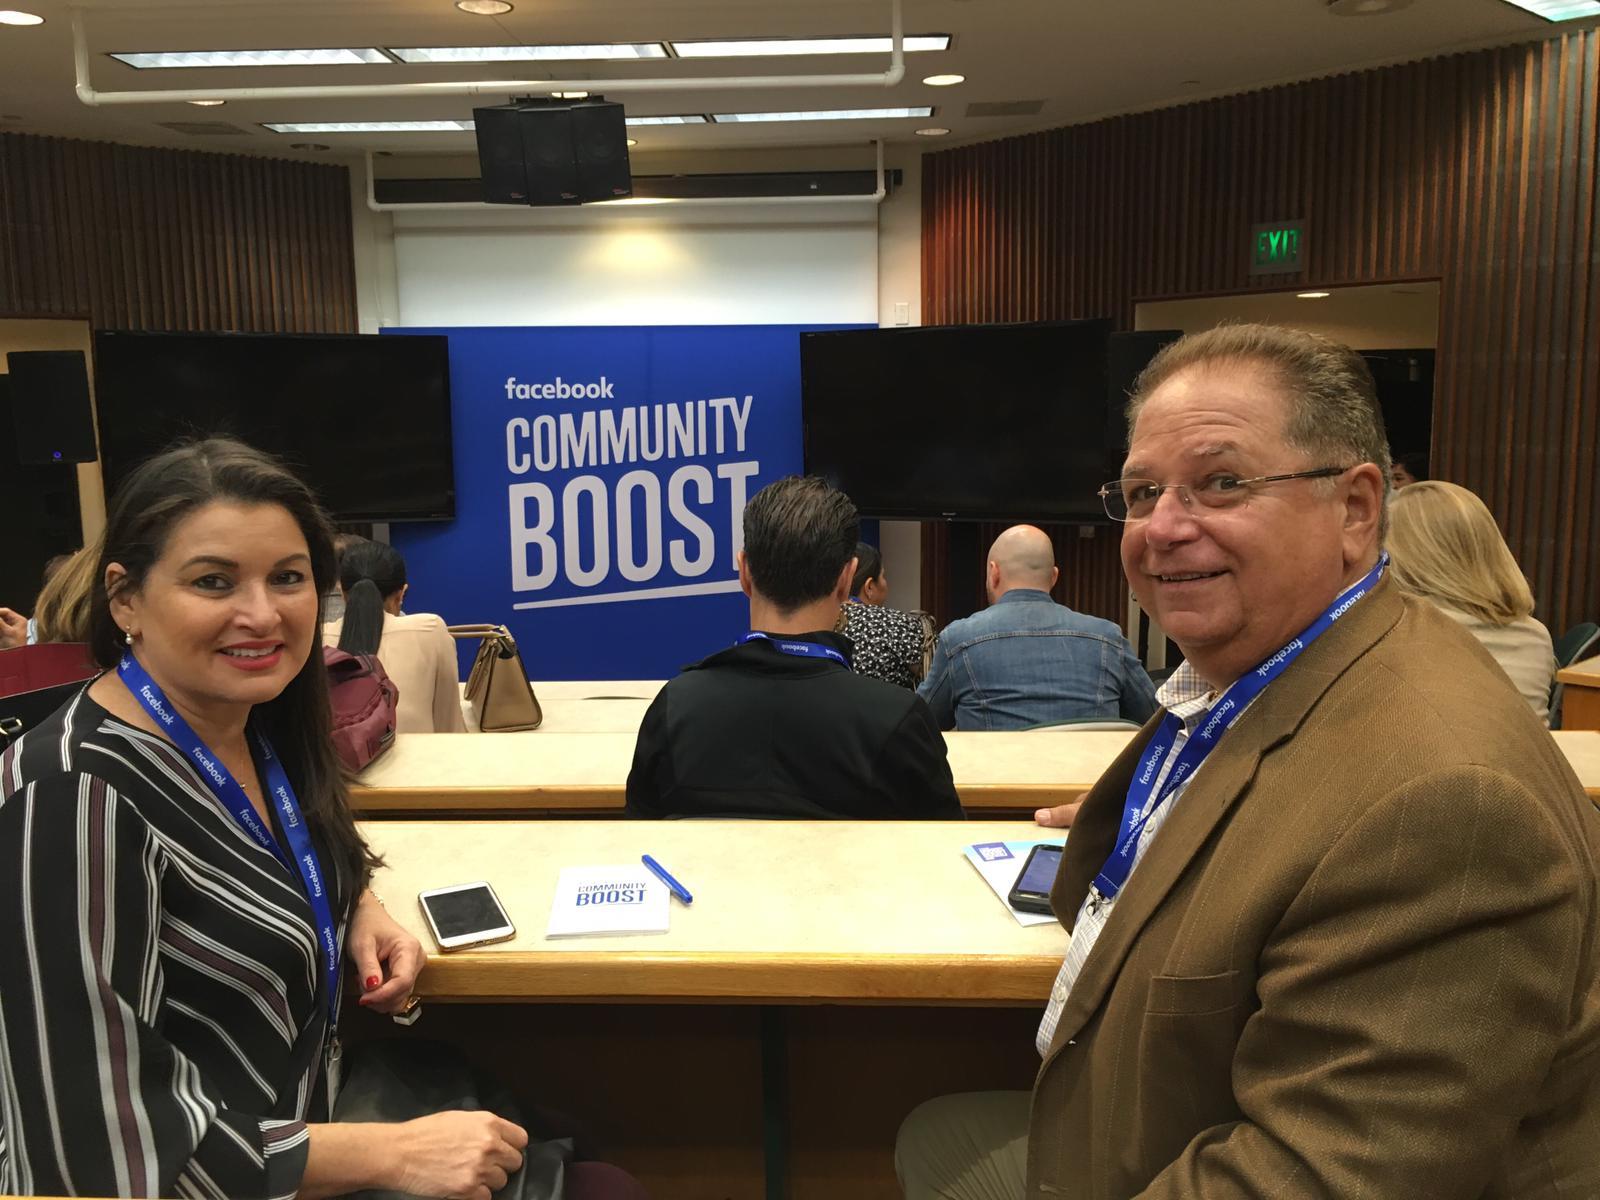 Todo un éxito Facebook Community Boost en Miami